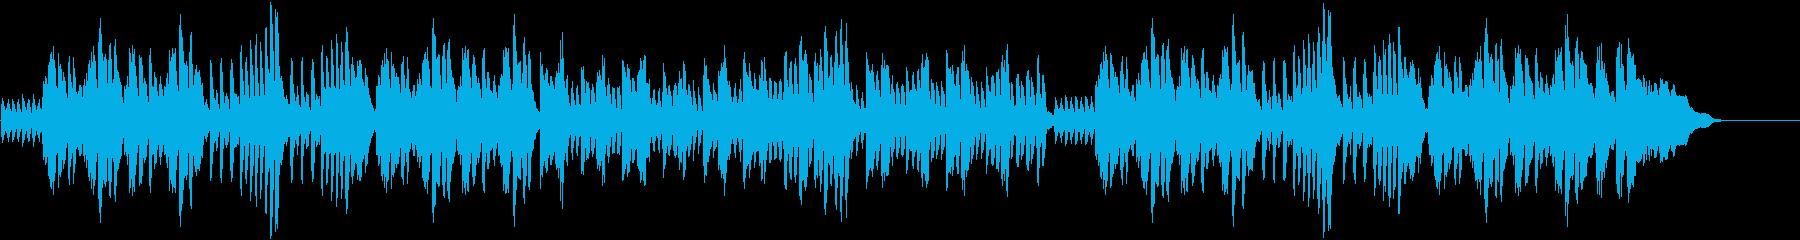 紡ぎ歌/エルメンライヒ【ピアノソロ】の再生済みの波形